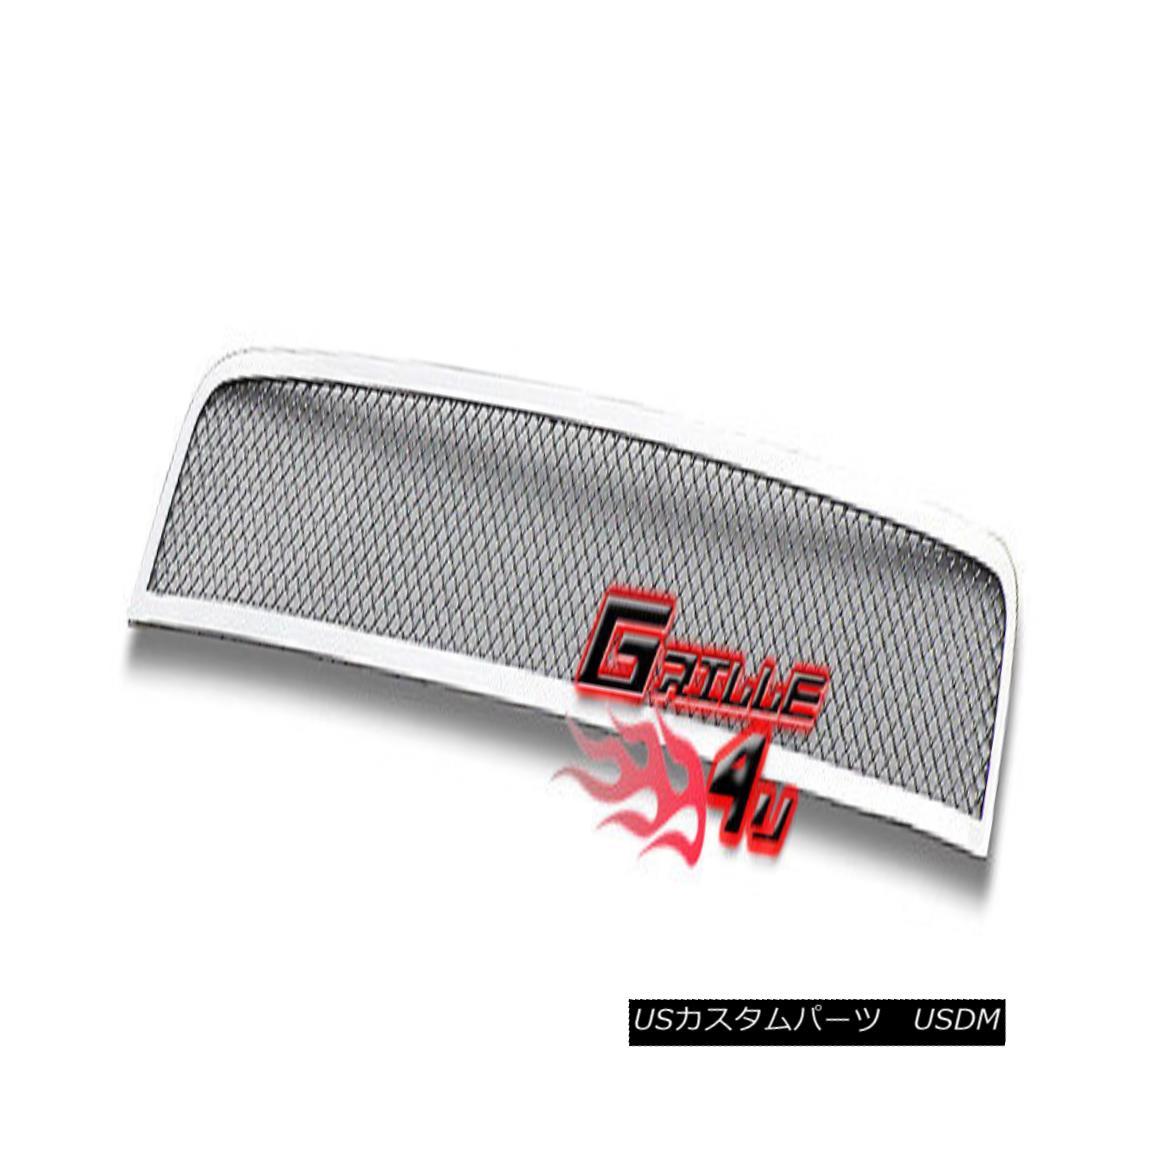 グリル For 08-10 Scion XB Bumper Stainless Mesh Premium Grille Insert Scion XBバンパーステンレスメッシュプレミアムグリルインサート